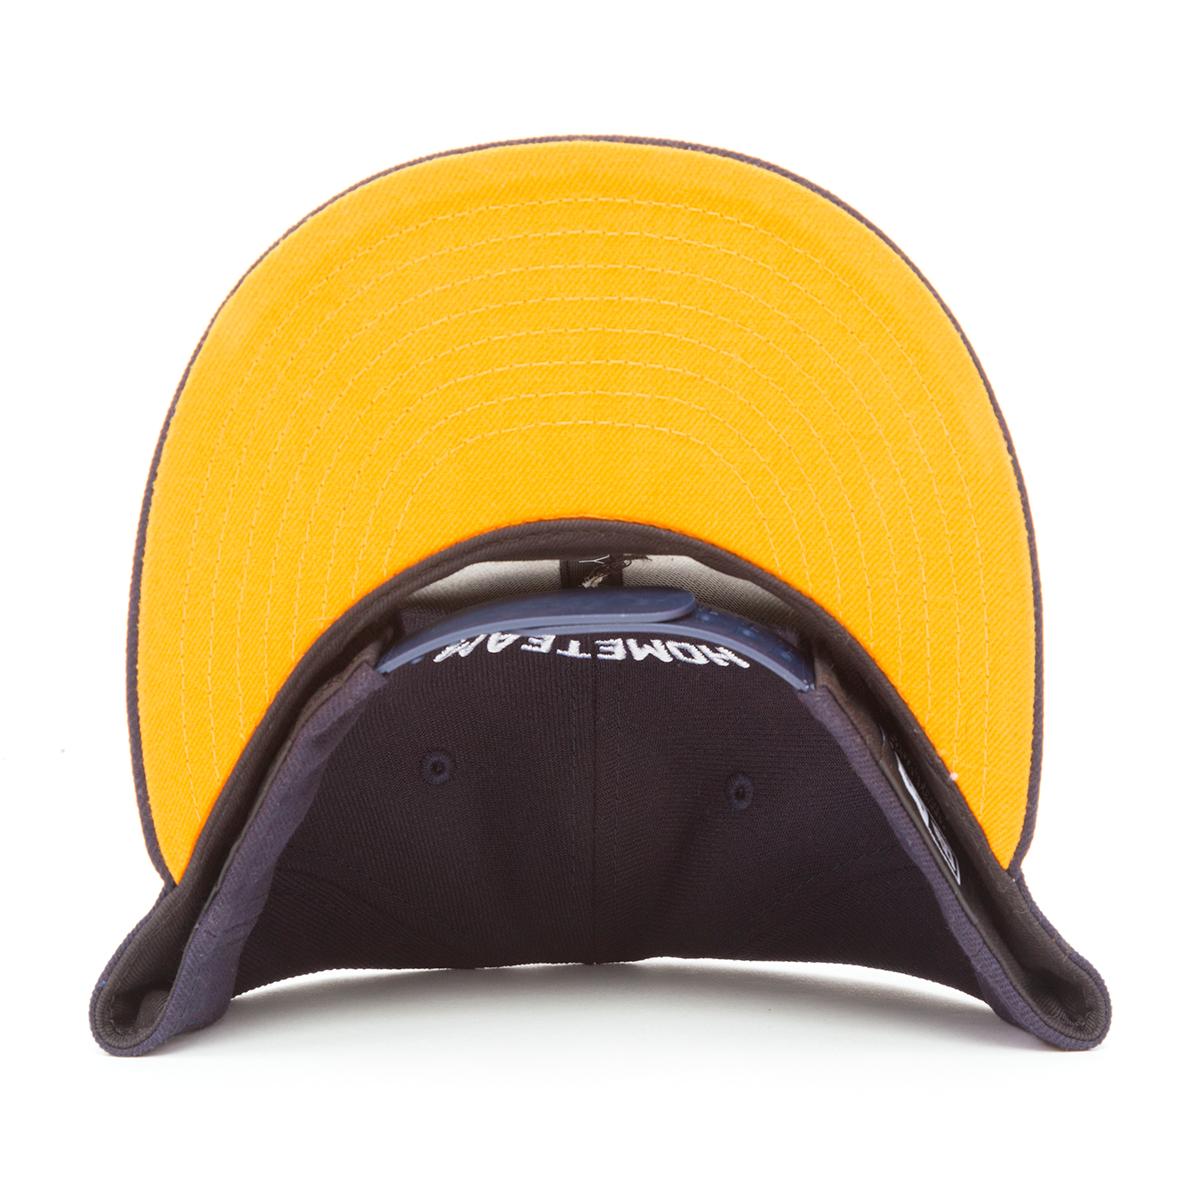 Spaceman New Era Hat Navy & Orange